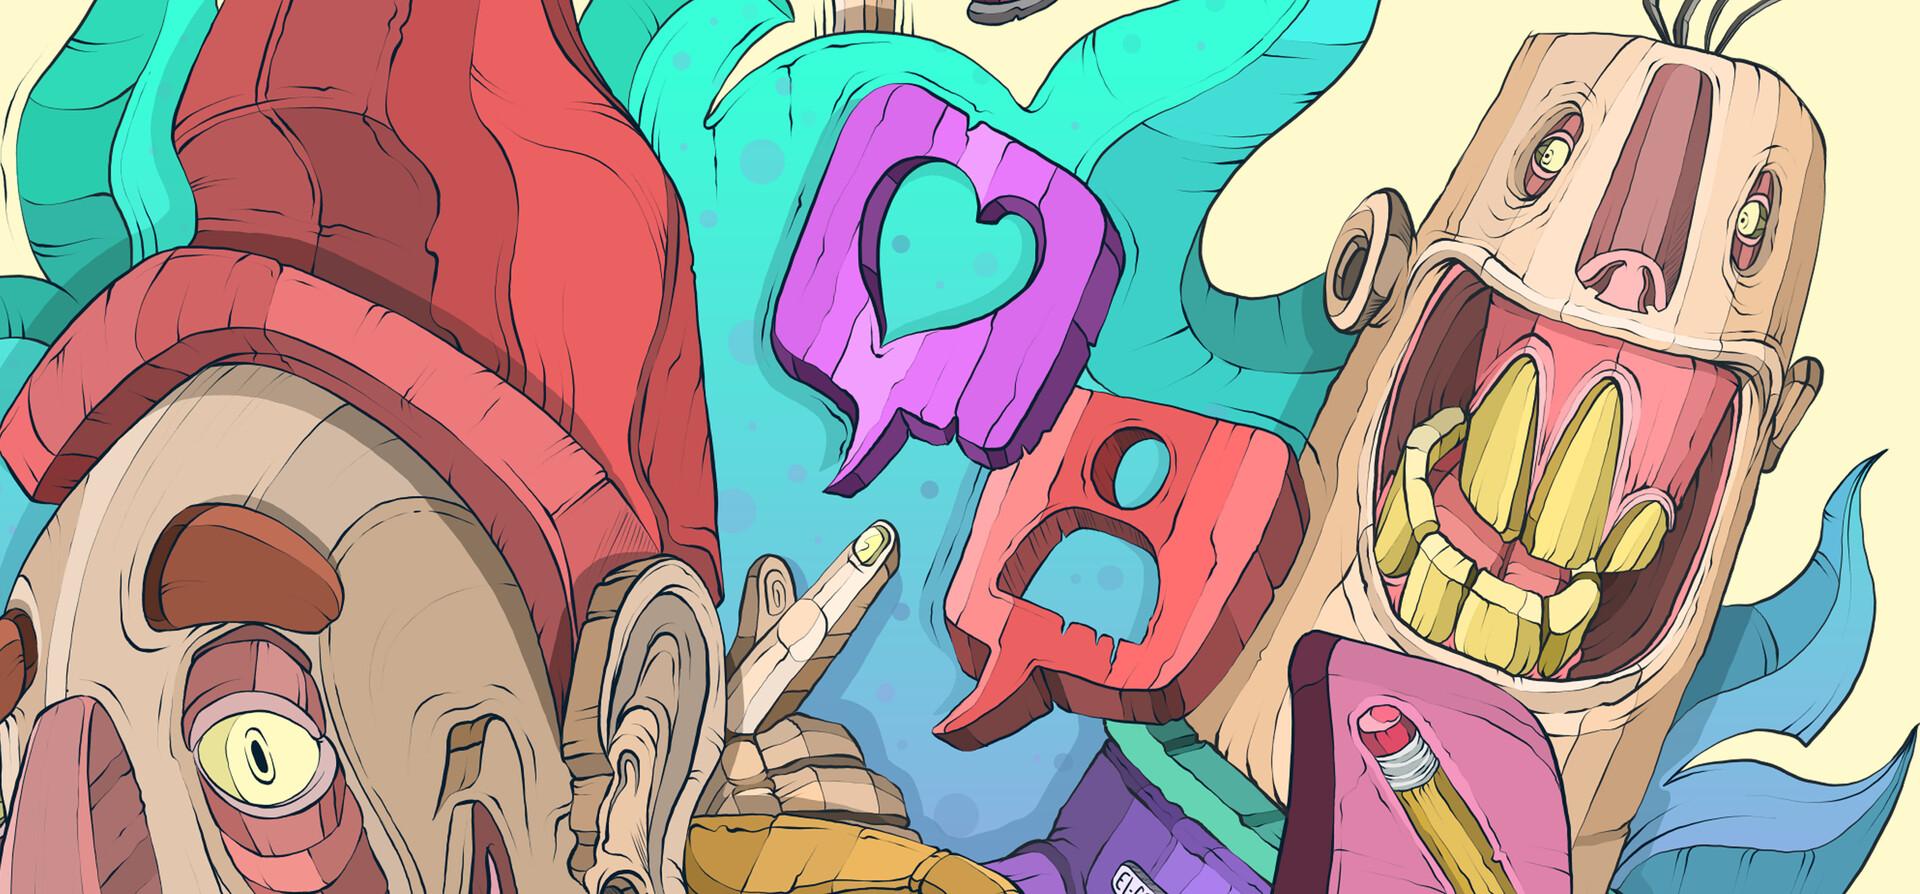 El ilustrador 5